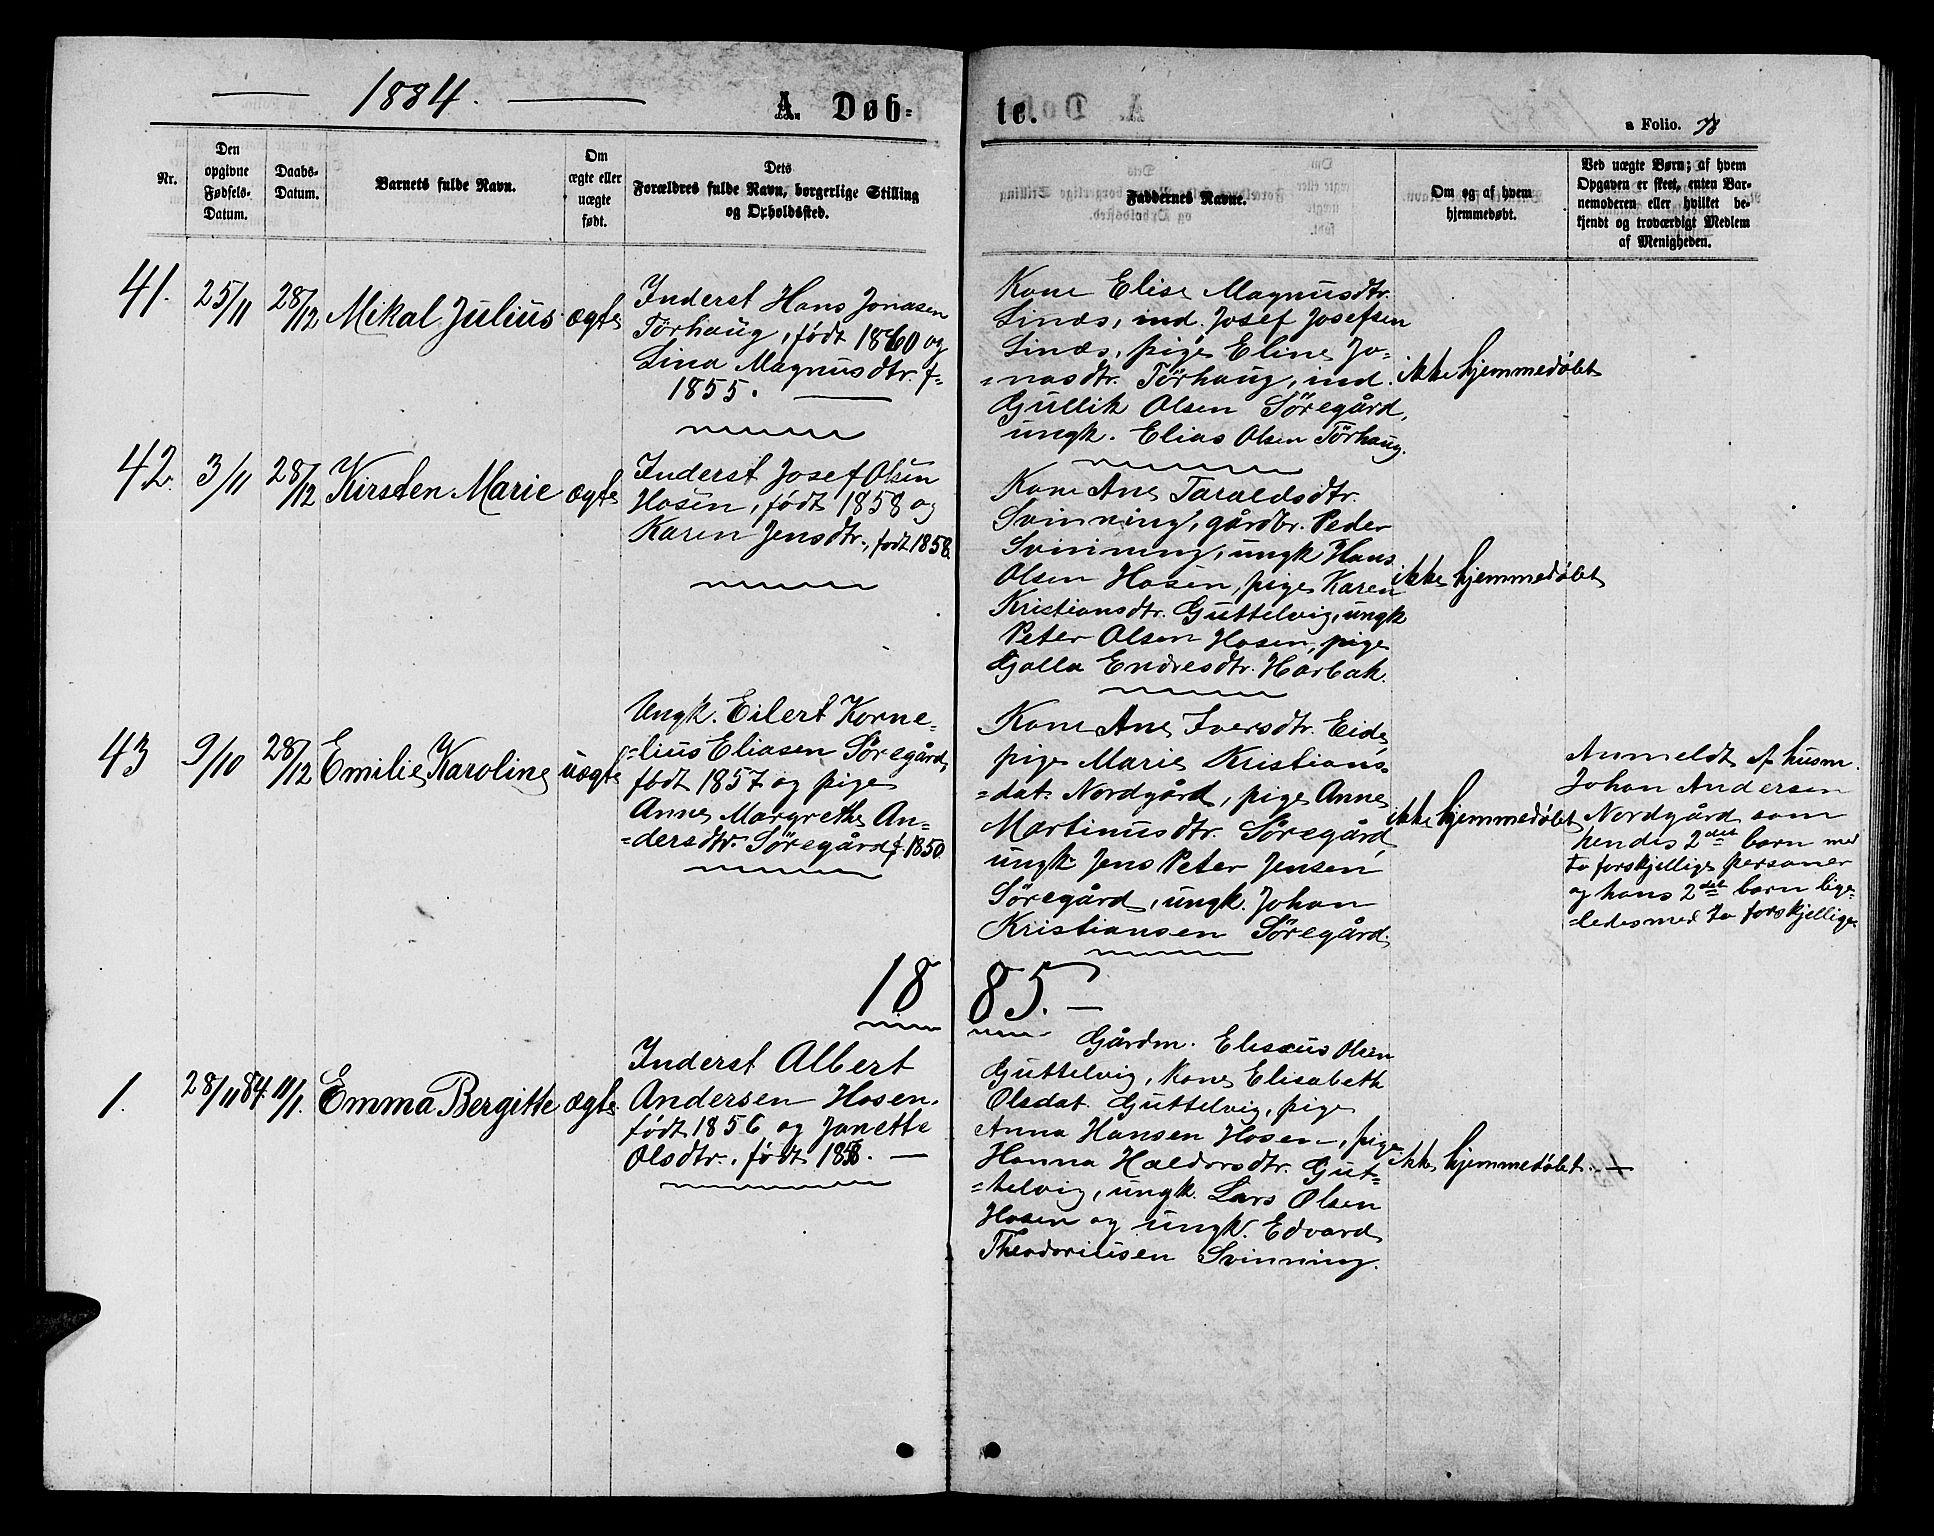 SAT, Ministerialprotokoller, klokkerbøker og fødselsregistre - Sør-Trøndelag, 656/L0695: Klokkerbok nr. 656C01, 1867-1889, s. 78